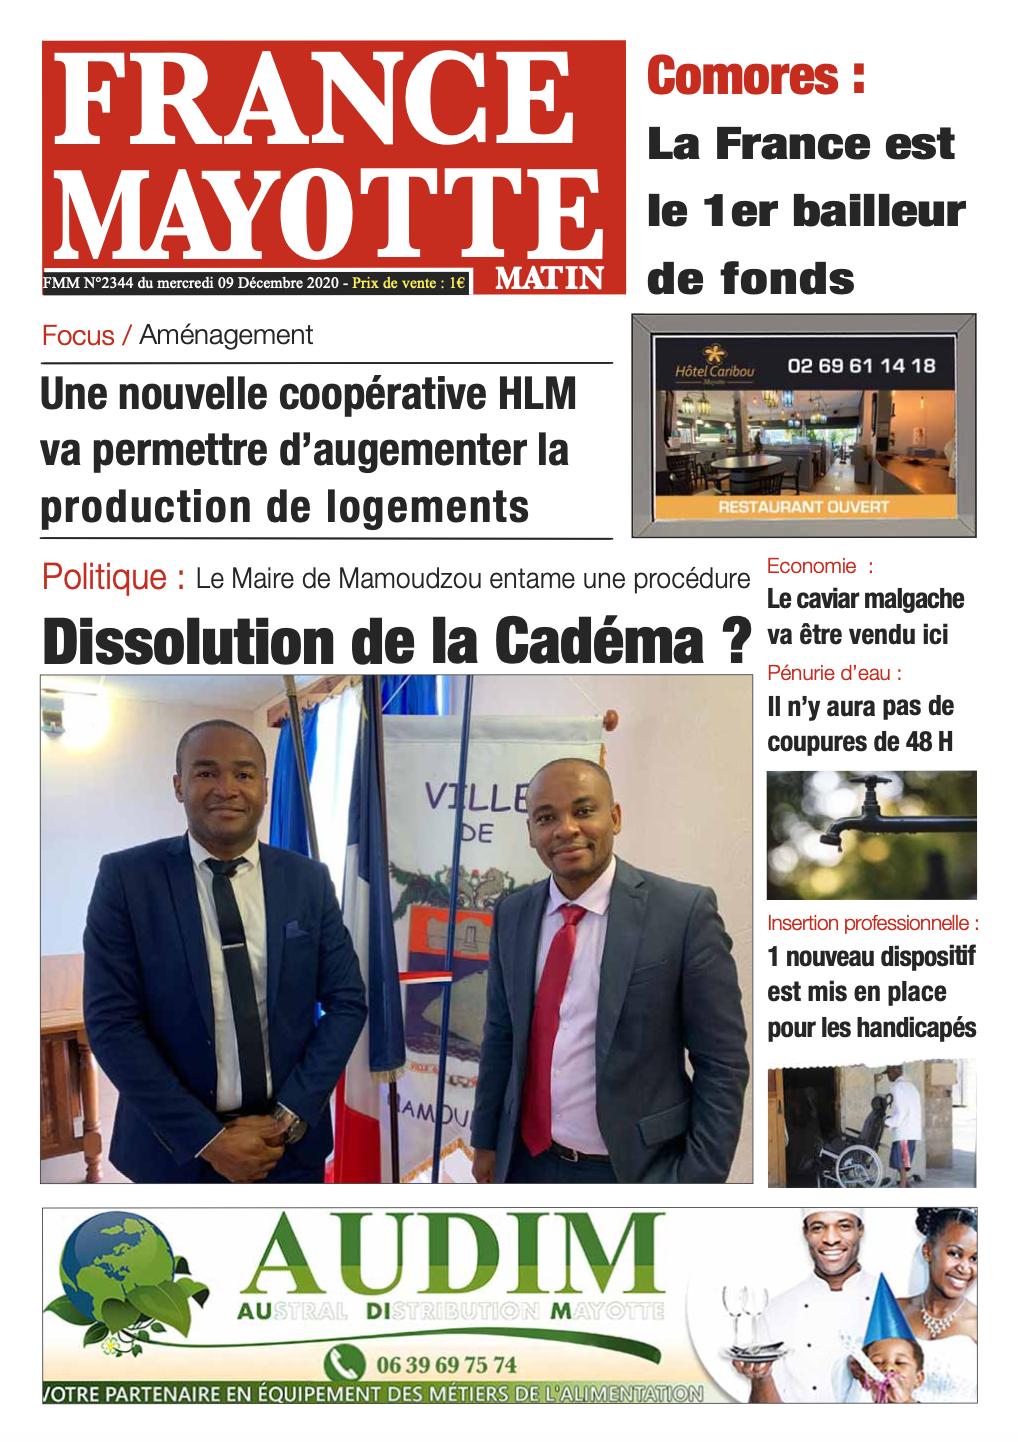 France Mayotte Mercredi 9 décembre 2020